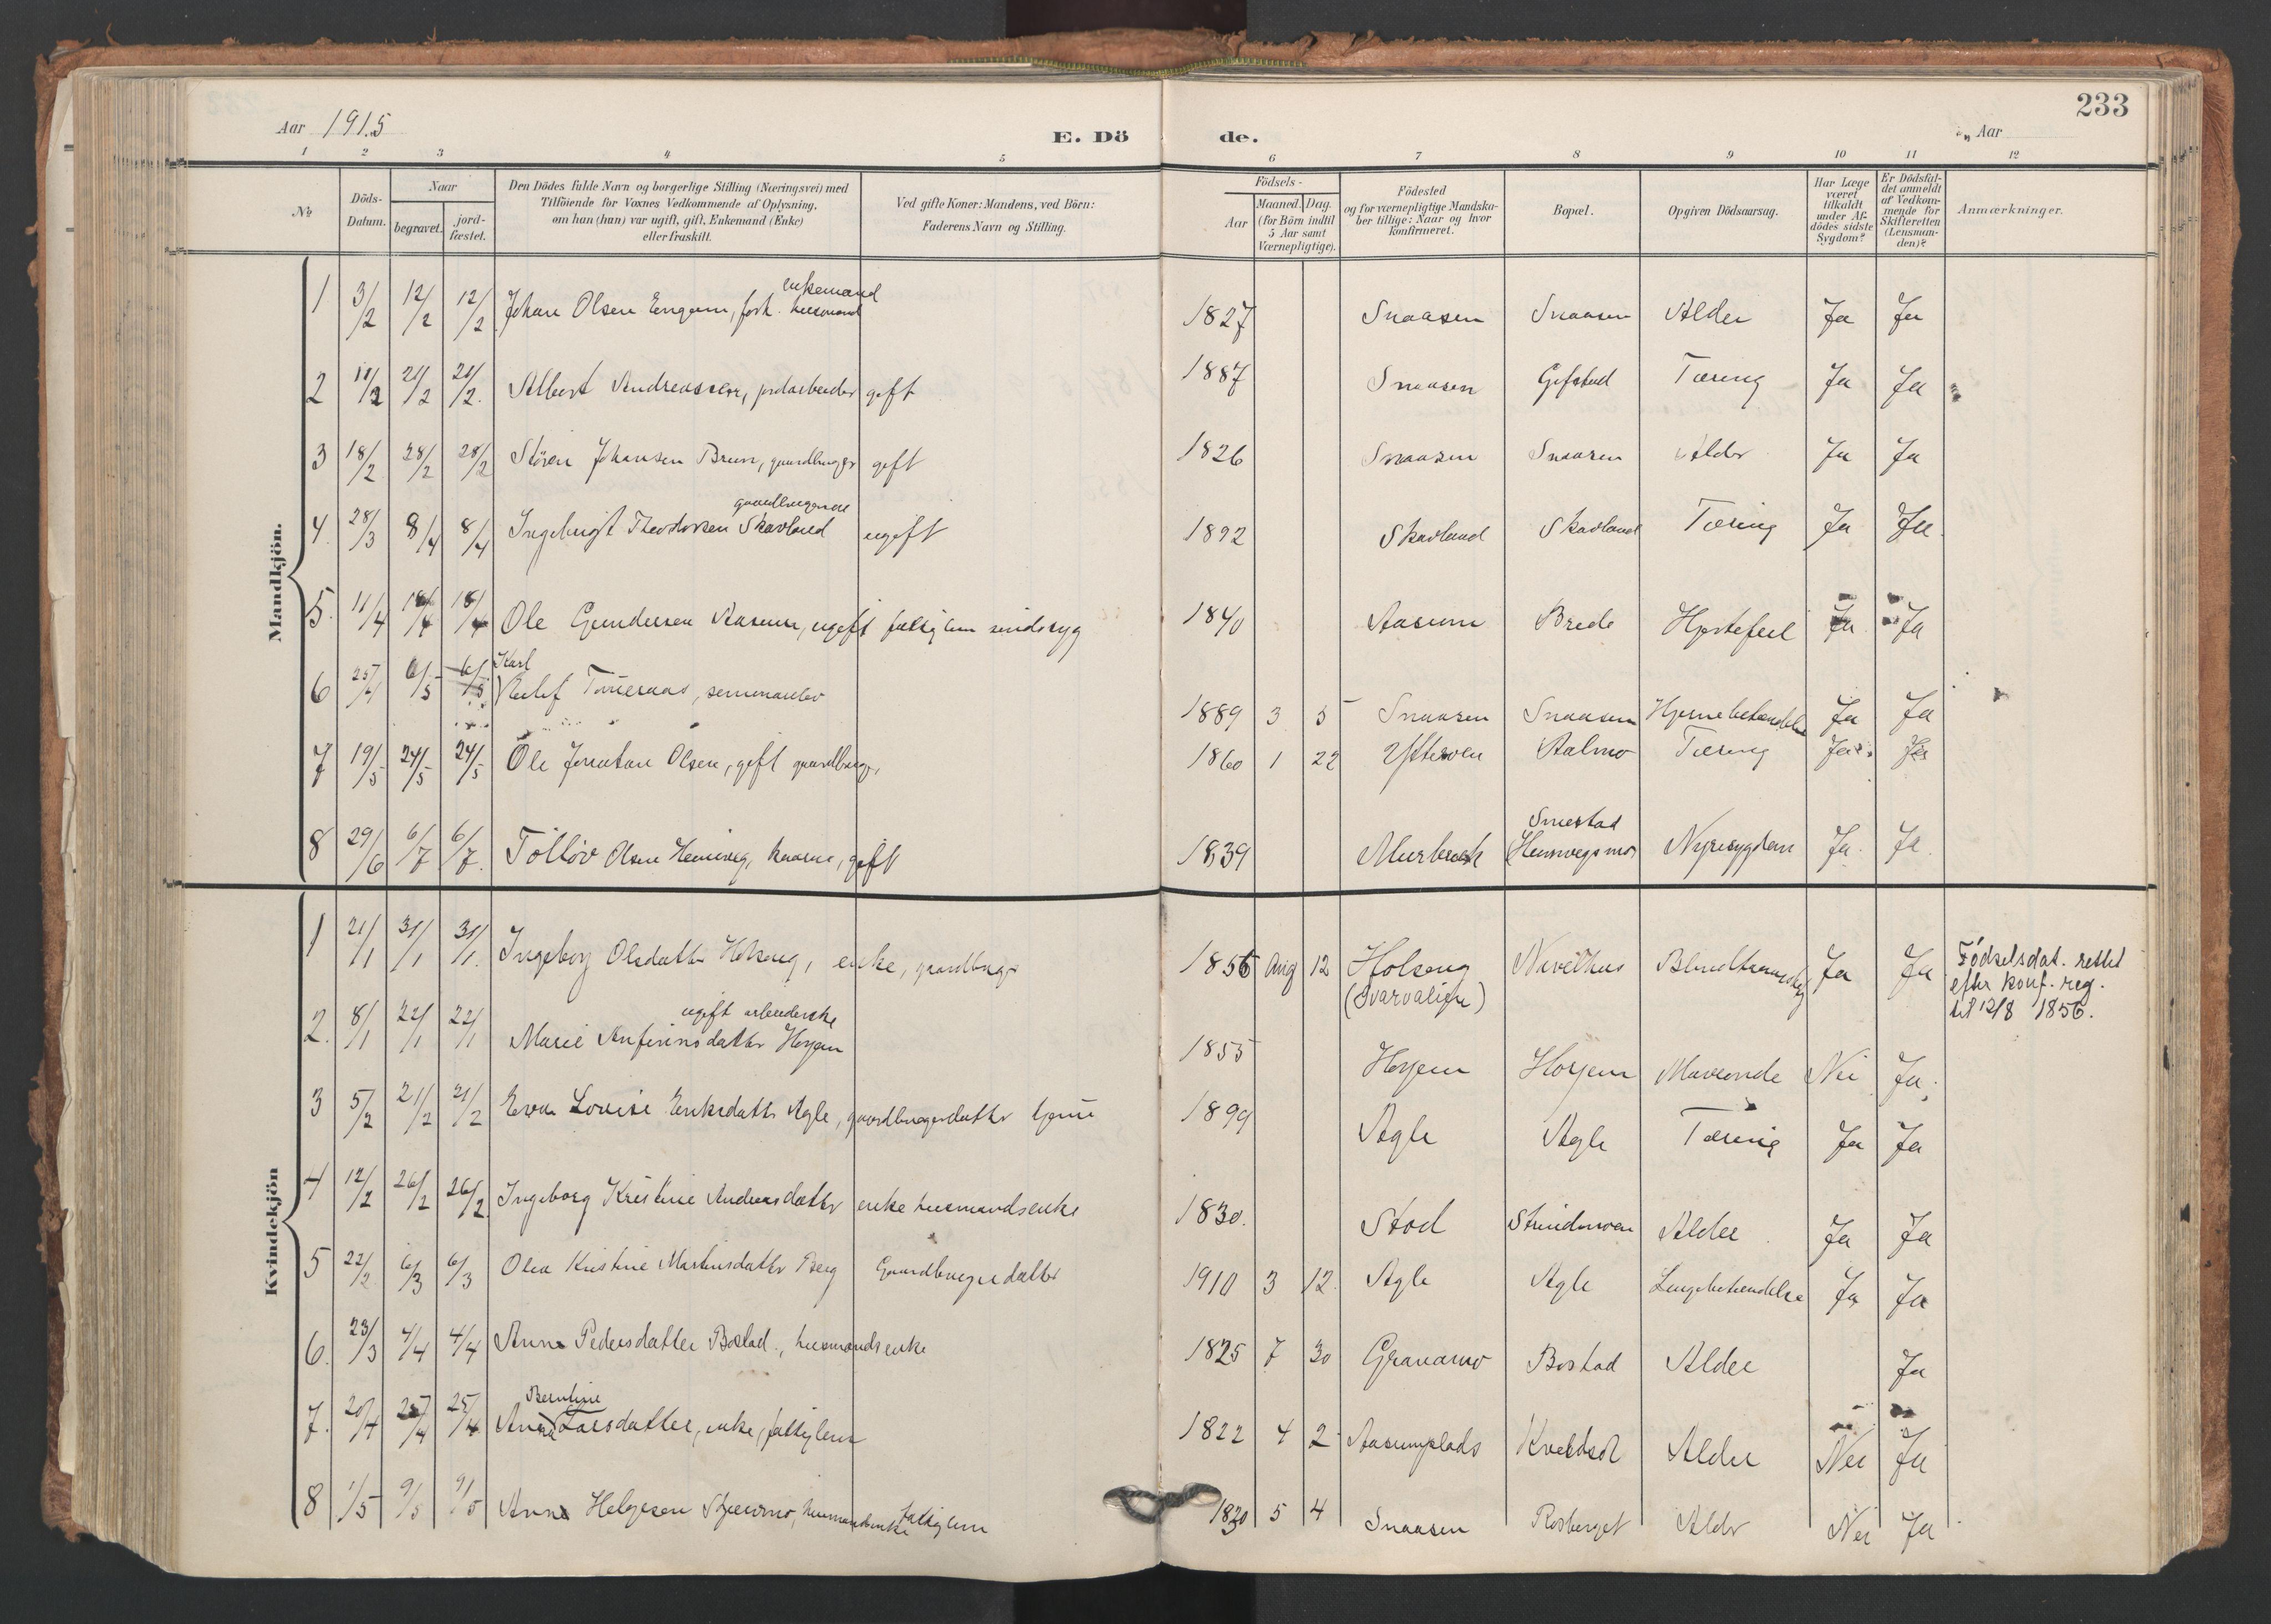 SAT, Ministerialprotokoller, klokkerbøker og fødselsregistre - Nord-Trøndelag, 749/L0477: Ministerialbok nr. 749A11, 1902-1927, s. 233